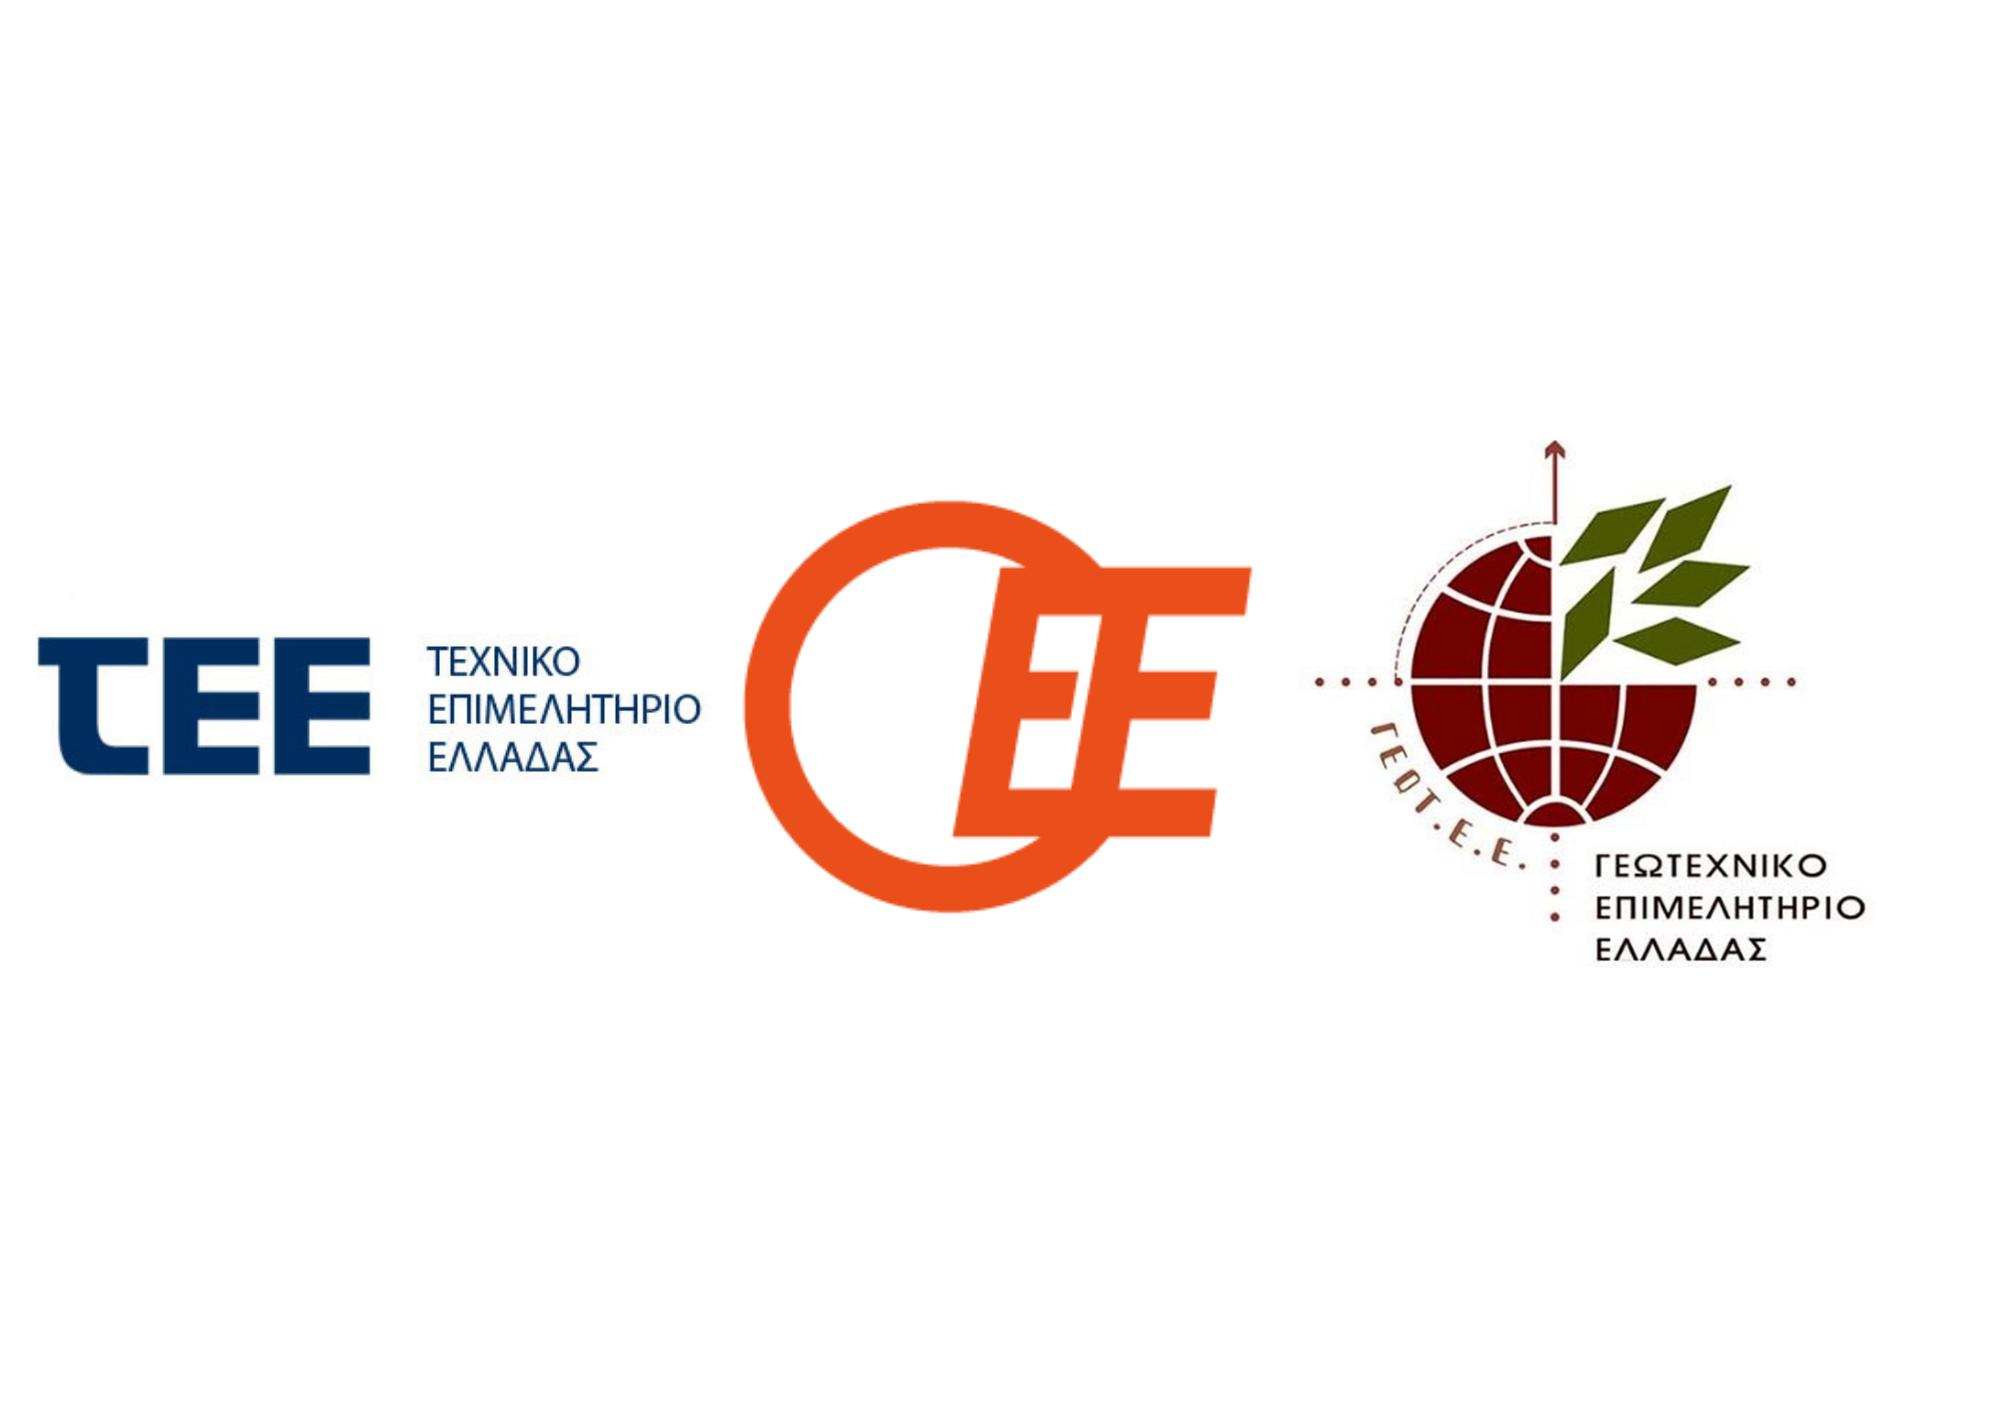 Έντονη Αντίδραση ΟΕΕ-ΤΕΕ-ΓΕΩΤΕΕ για την τροπολογία Κεραμέως